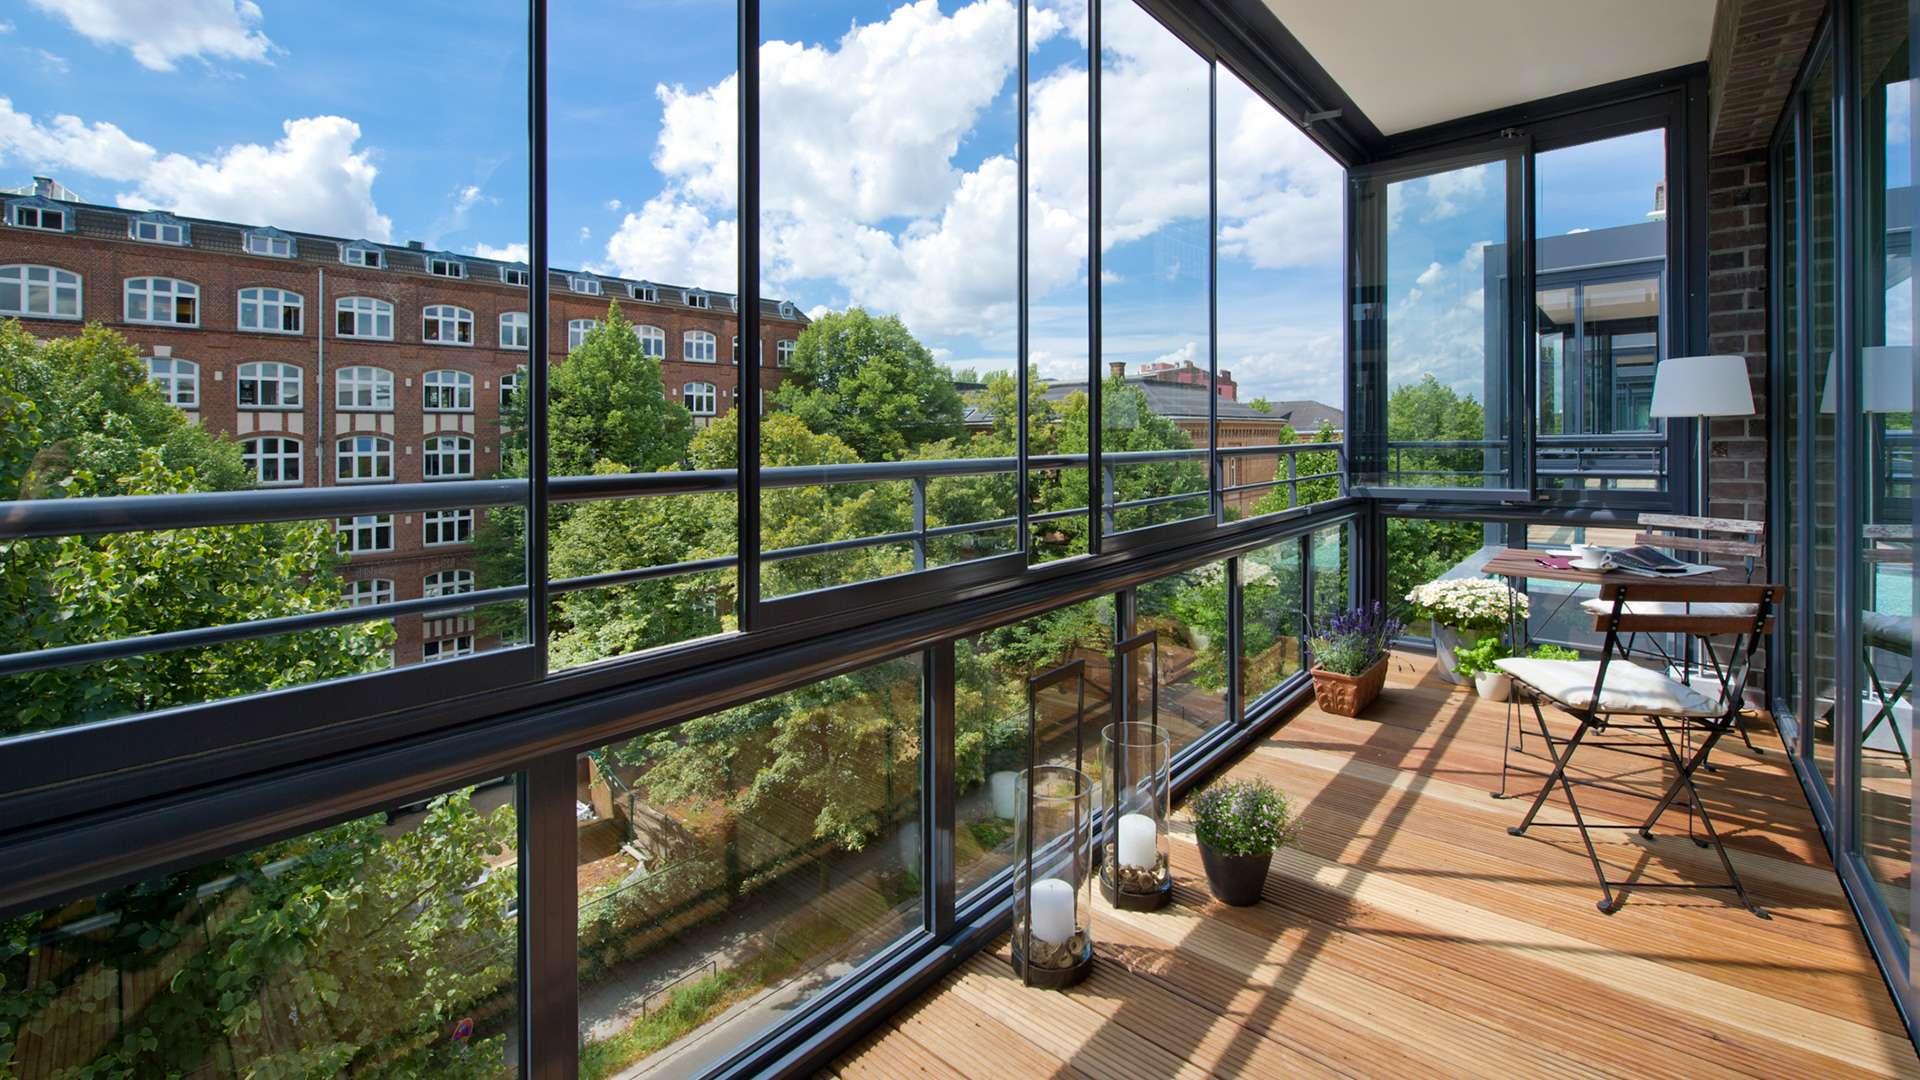 Blick auf einen verglasten Balkon in einen Mehrfamilienhaus